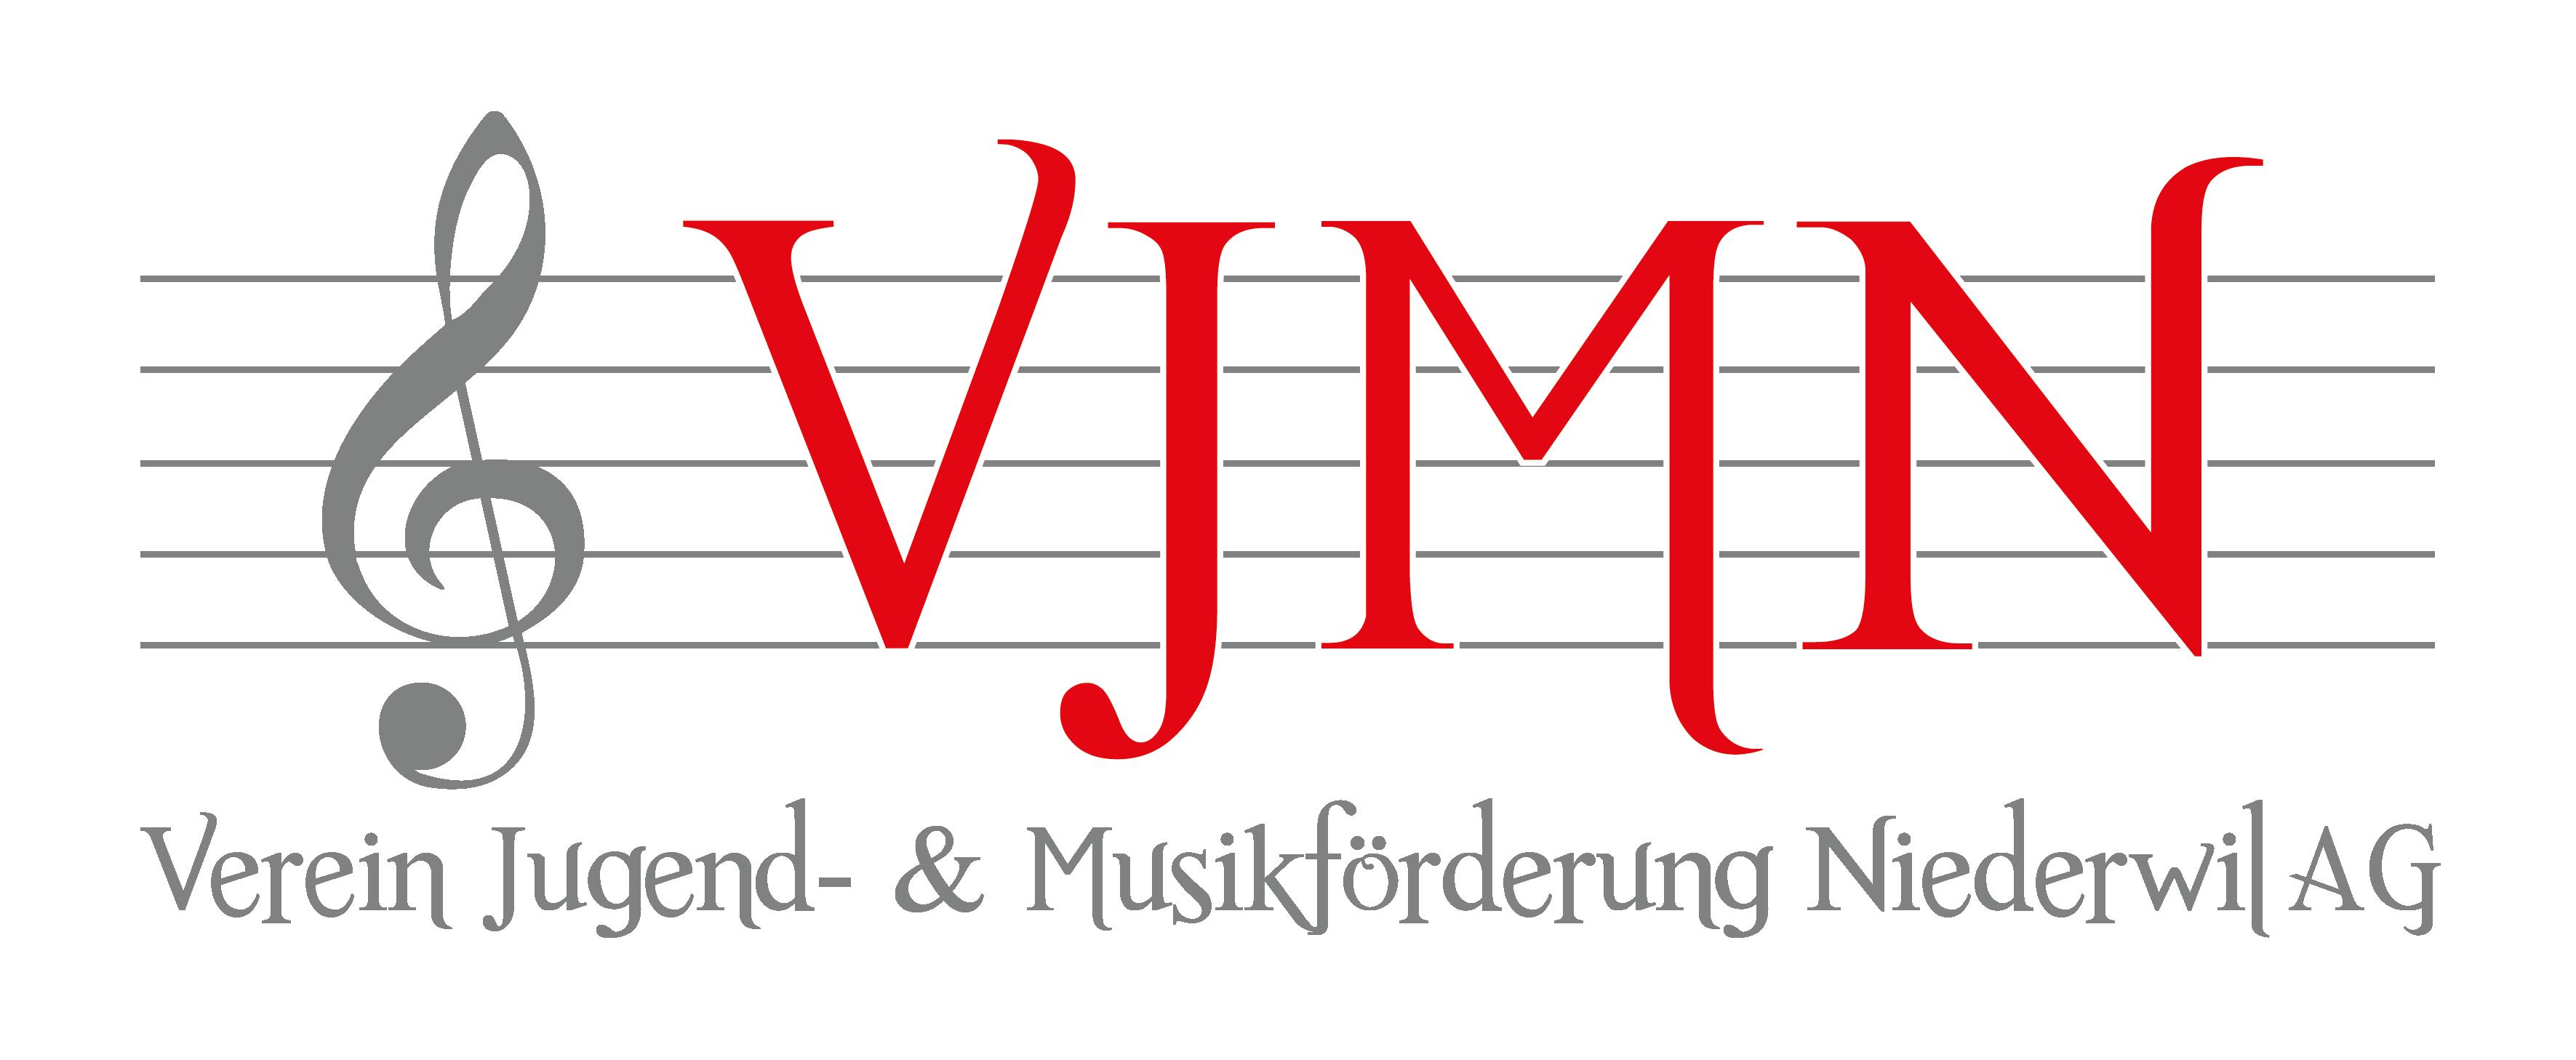 Verein Jugend- & Musikförderung Niederwil VJMN